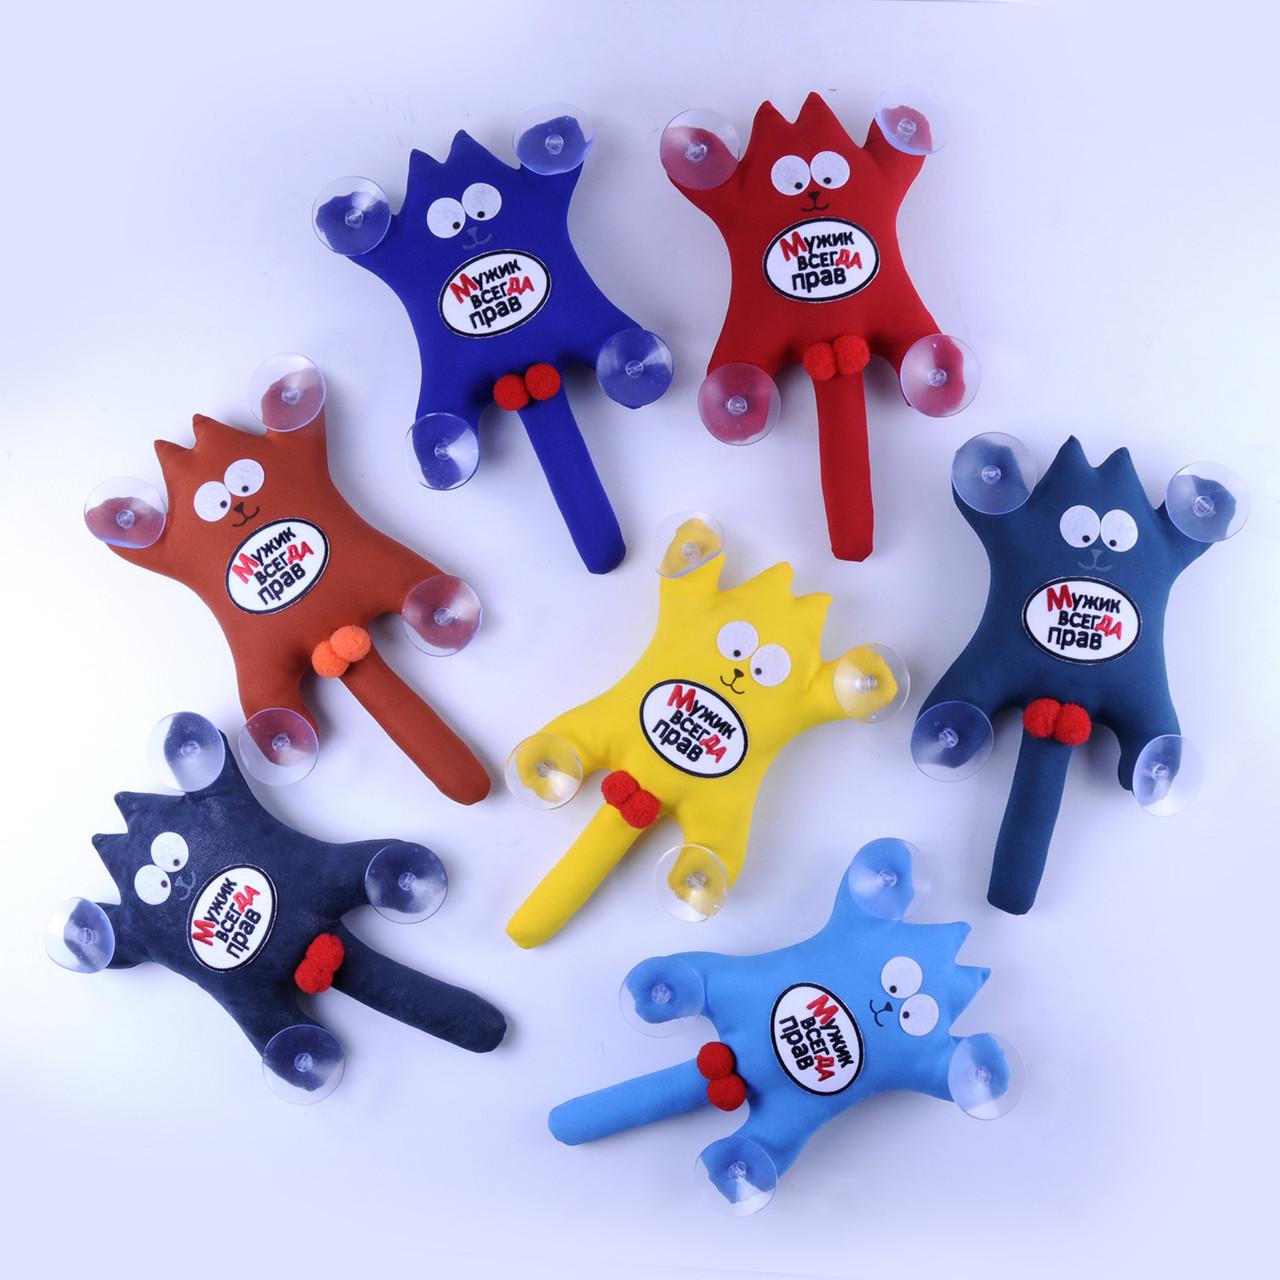 Мягкая игрушка Кот Саймон с лого Мужик всегда прав